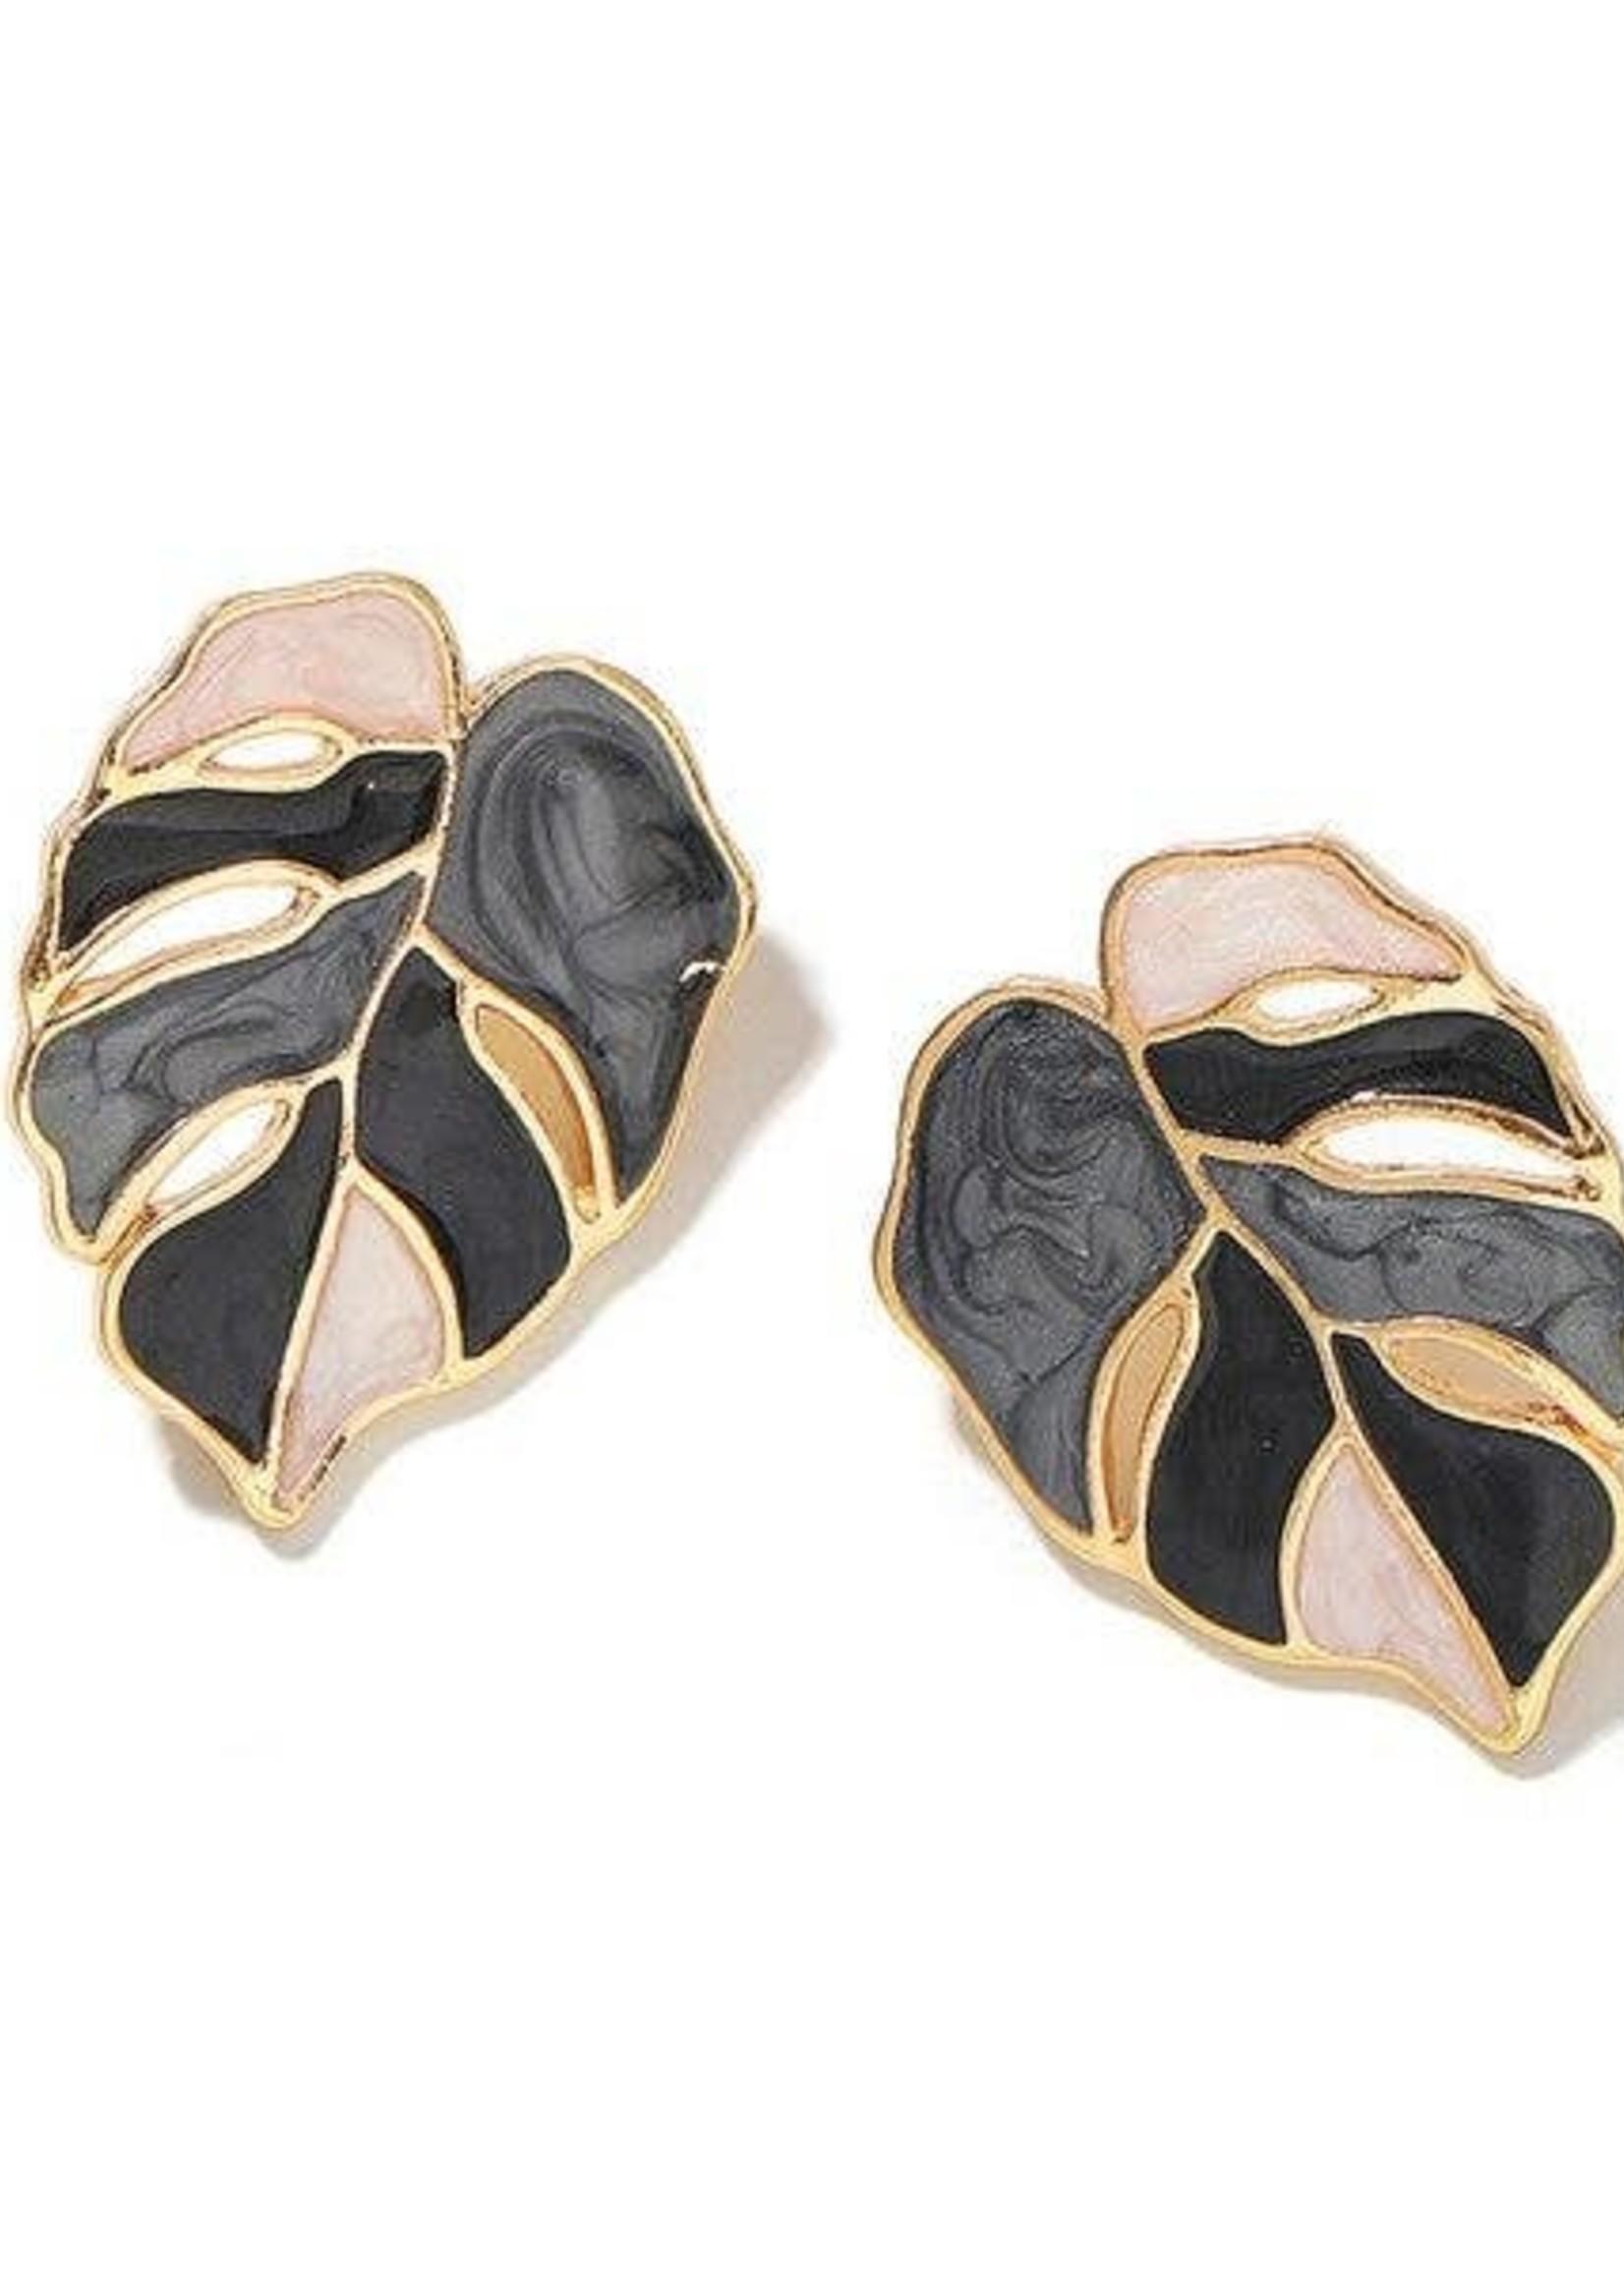 Multi Black/Grey Enamel Tropical Leaf Earrings